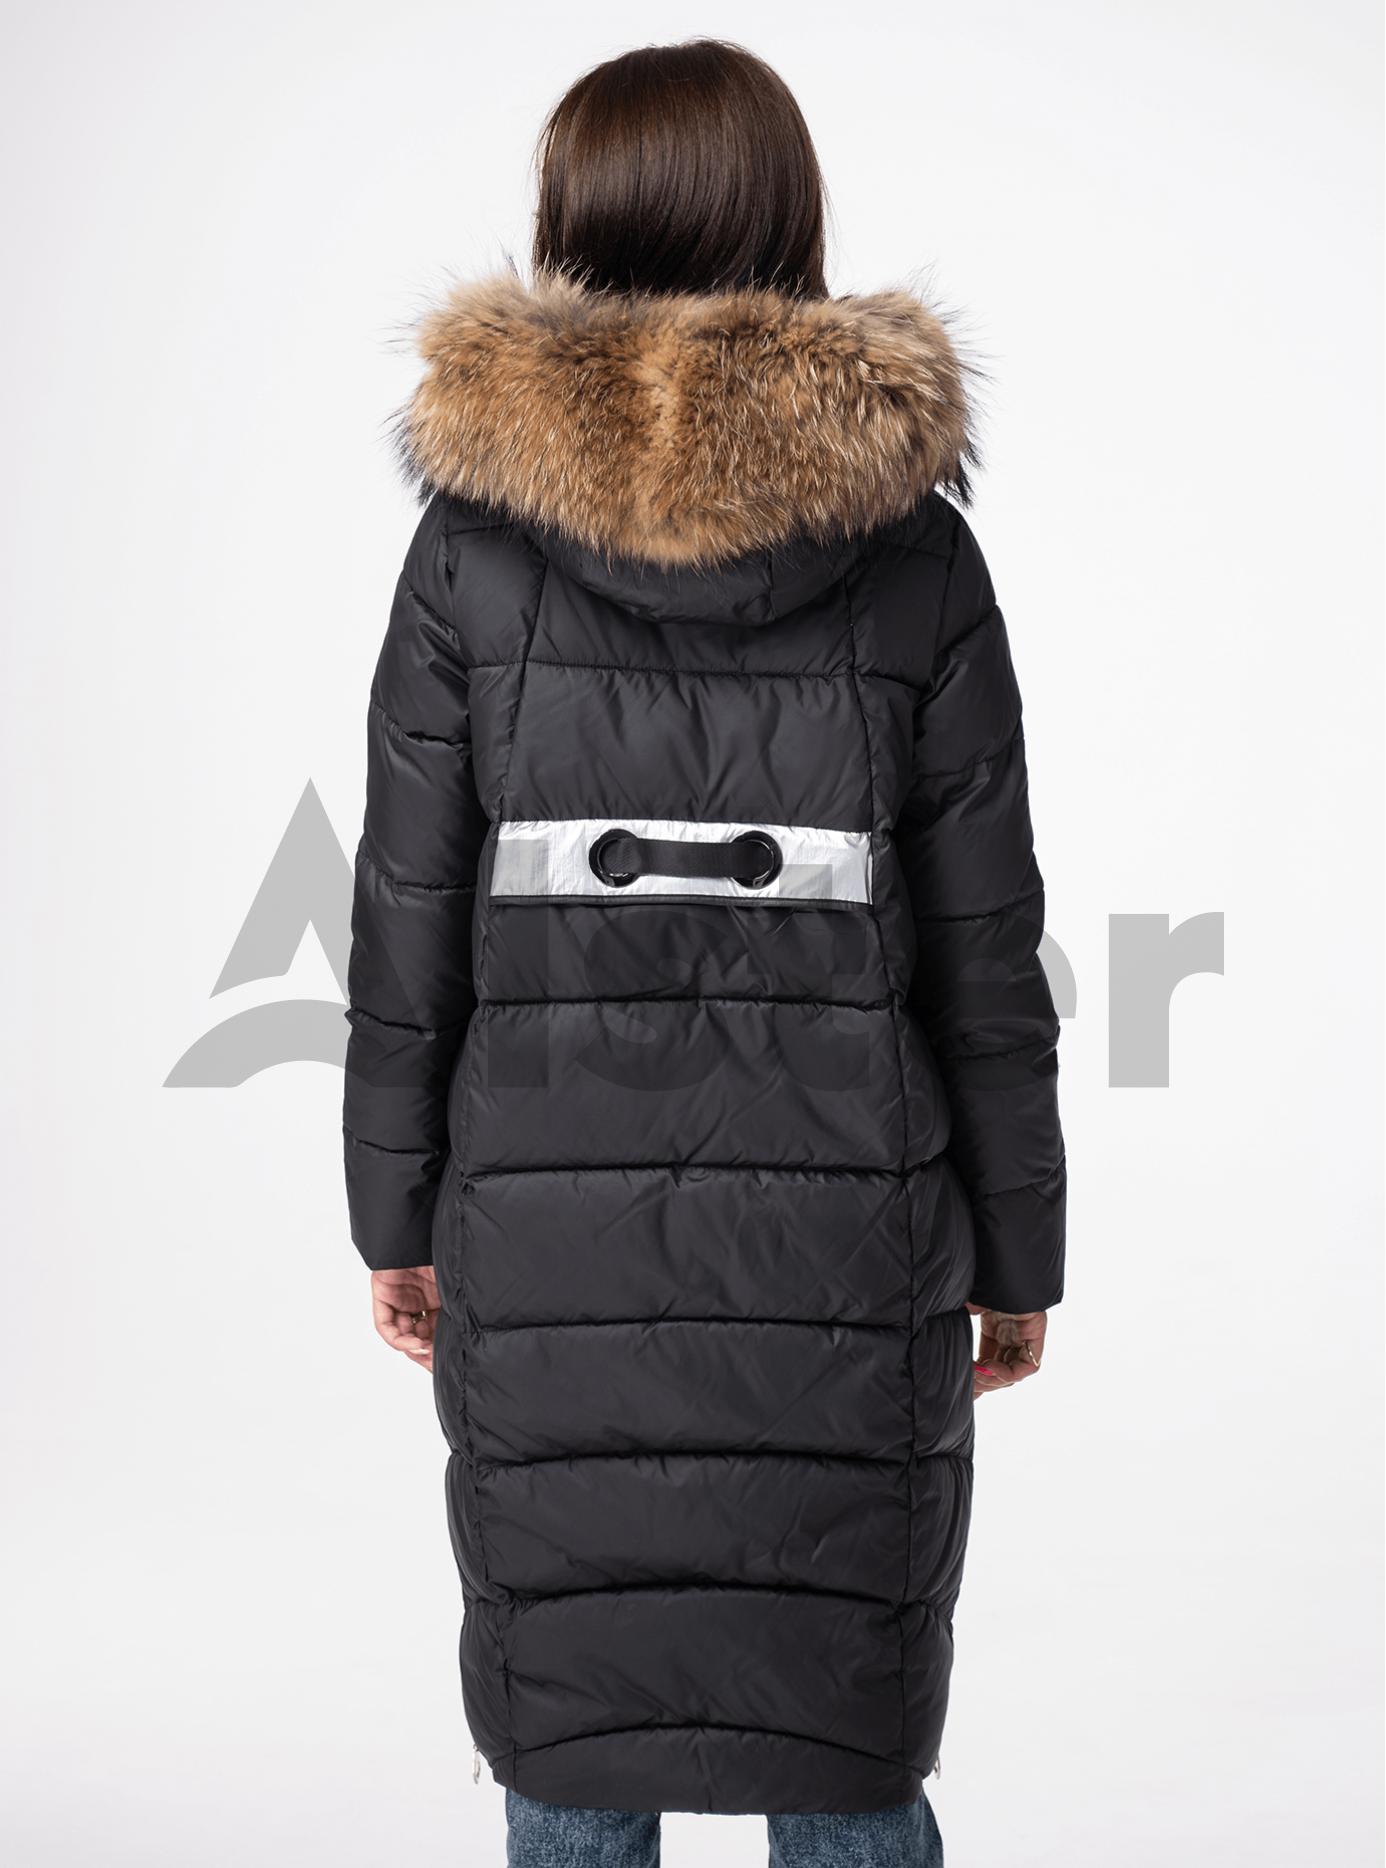 Куртка зимняя длинная с мехом енота Чёрный XL (05-V191187): фото - Alster.ua